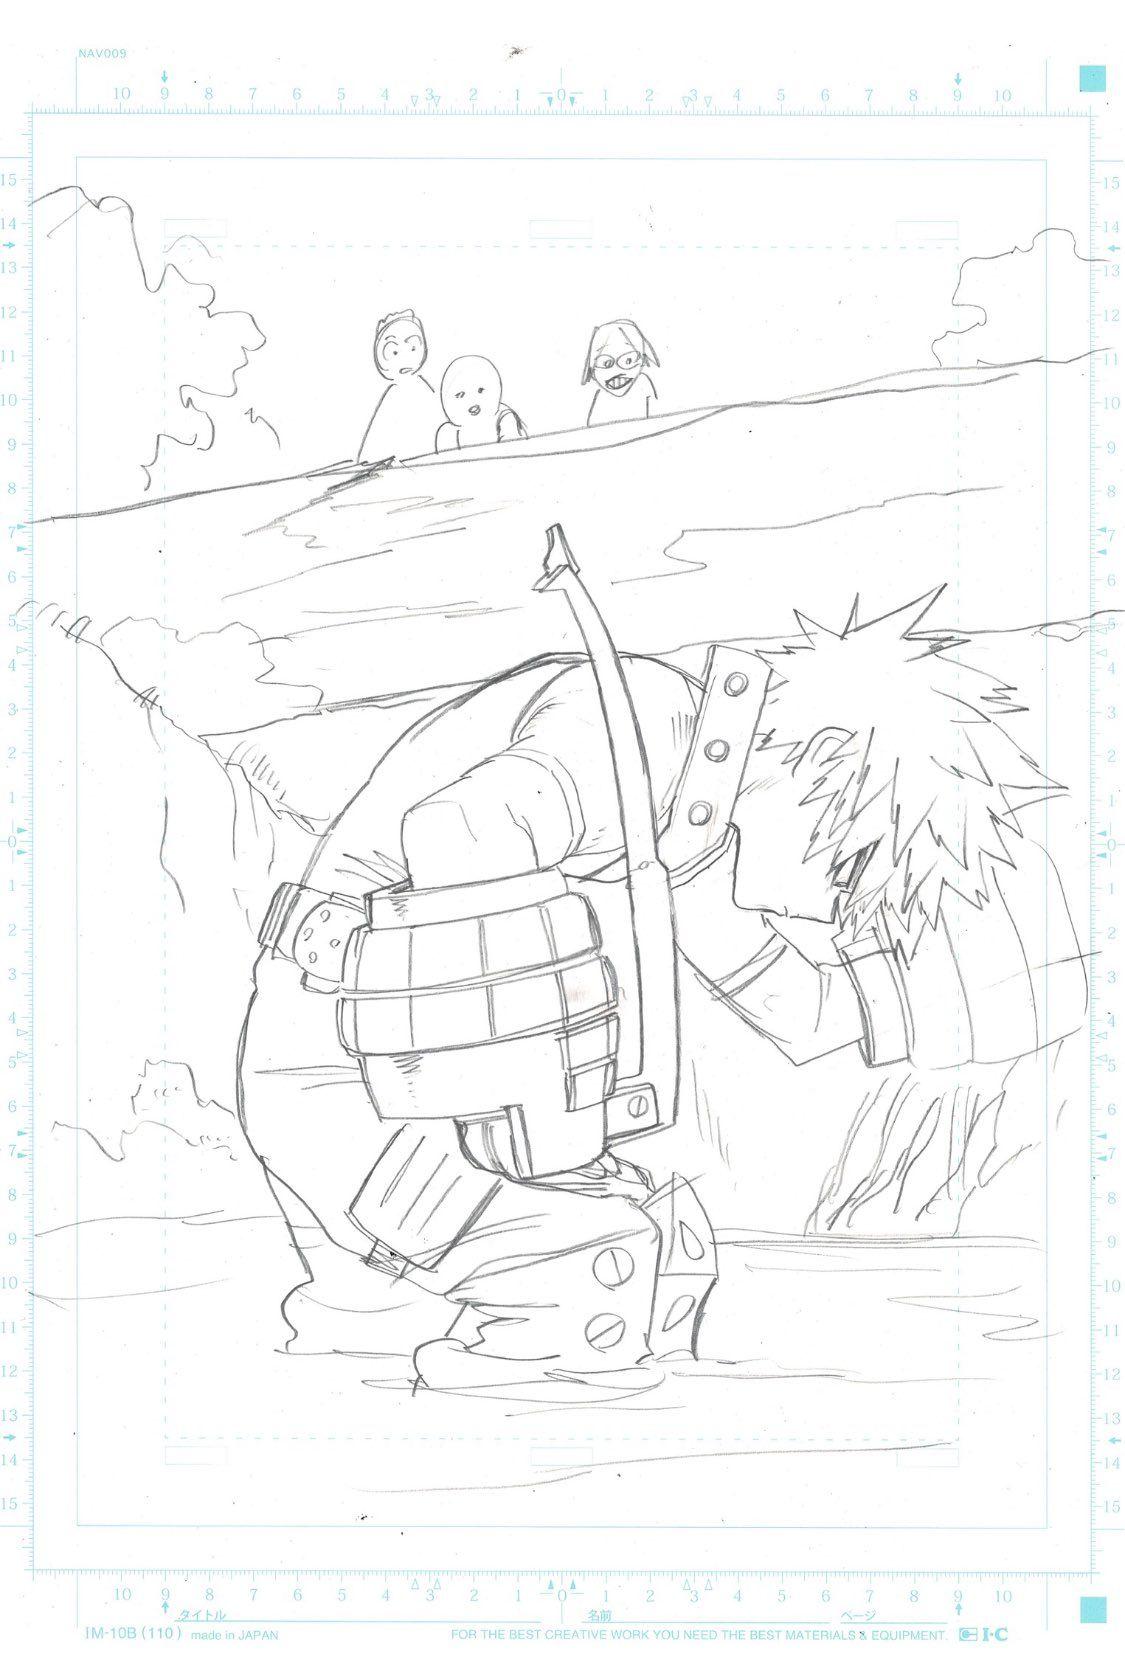 僕のヒーローアカデミア公式 on twitter my hero academia manga sketches anime drawings boy